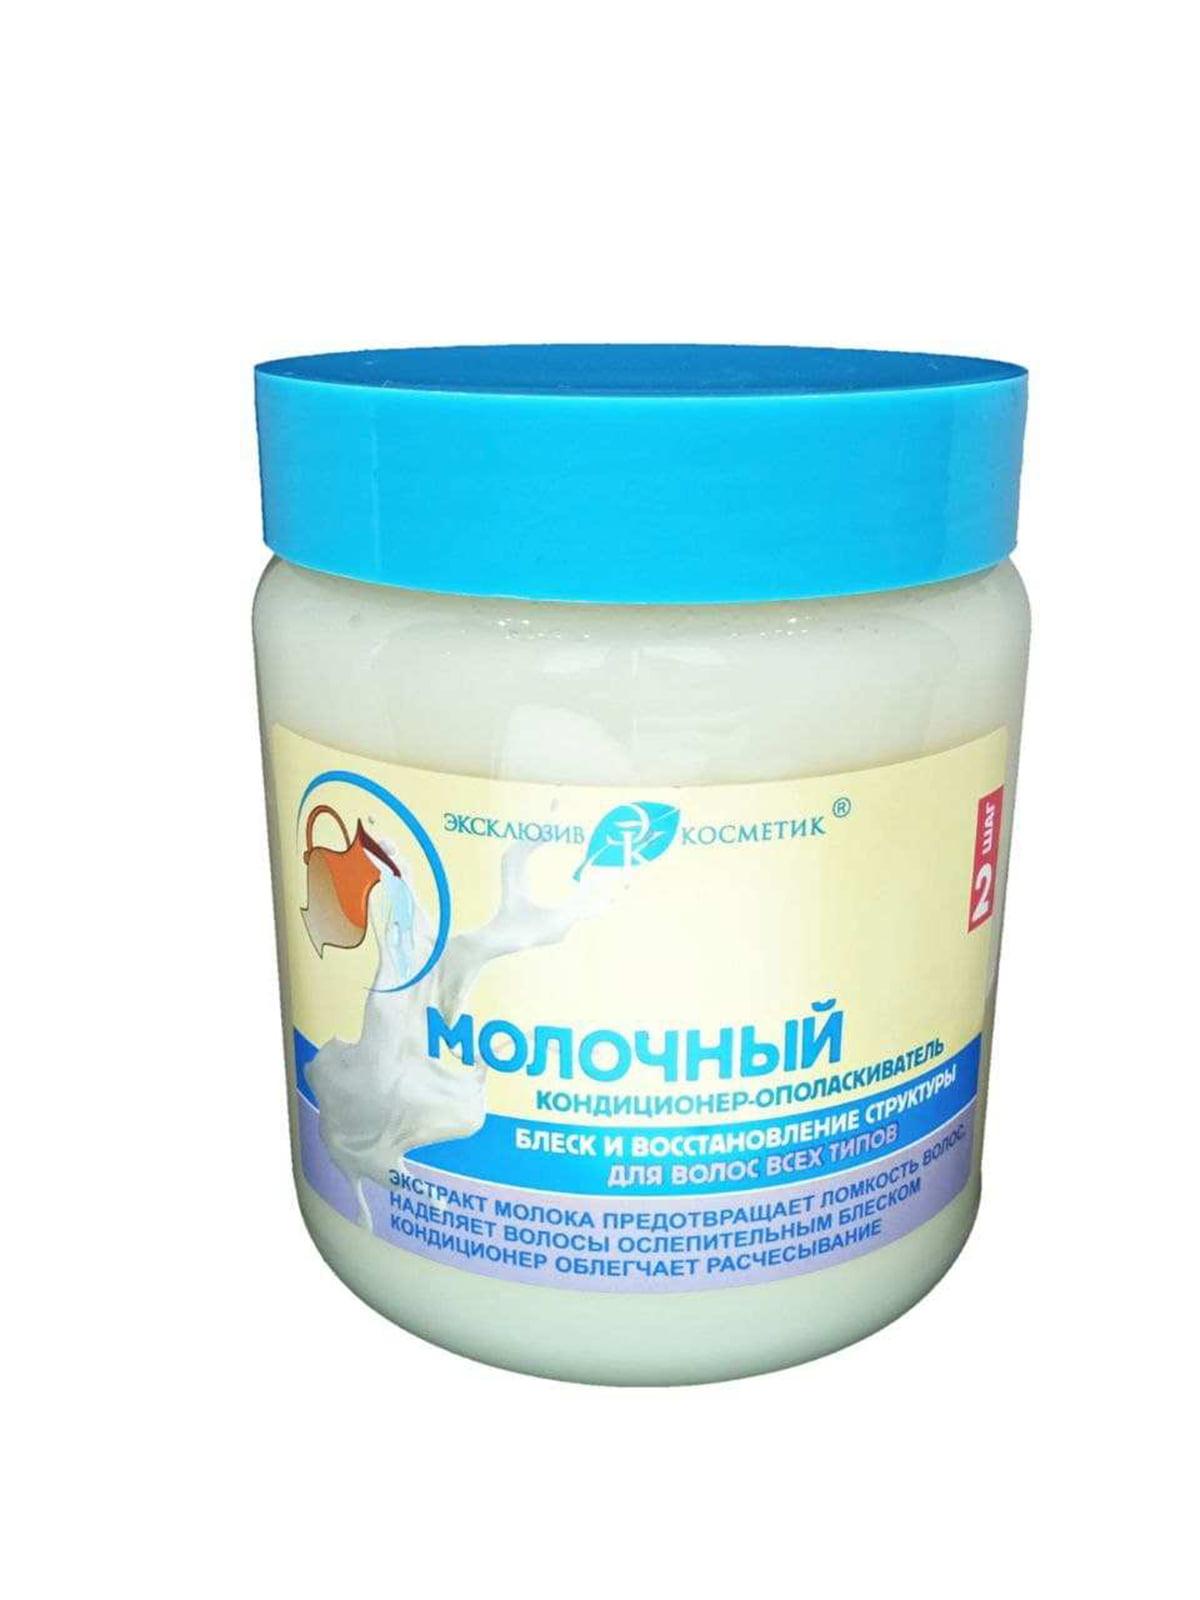 Кондиционер-ополаскиватель «Молочный» предотвращение ломкости (500 г) | 5552161